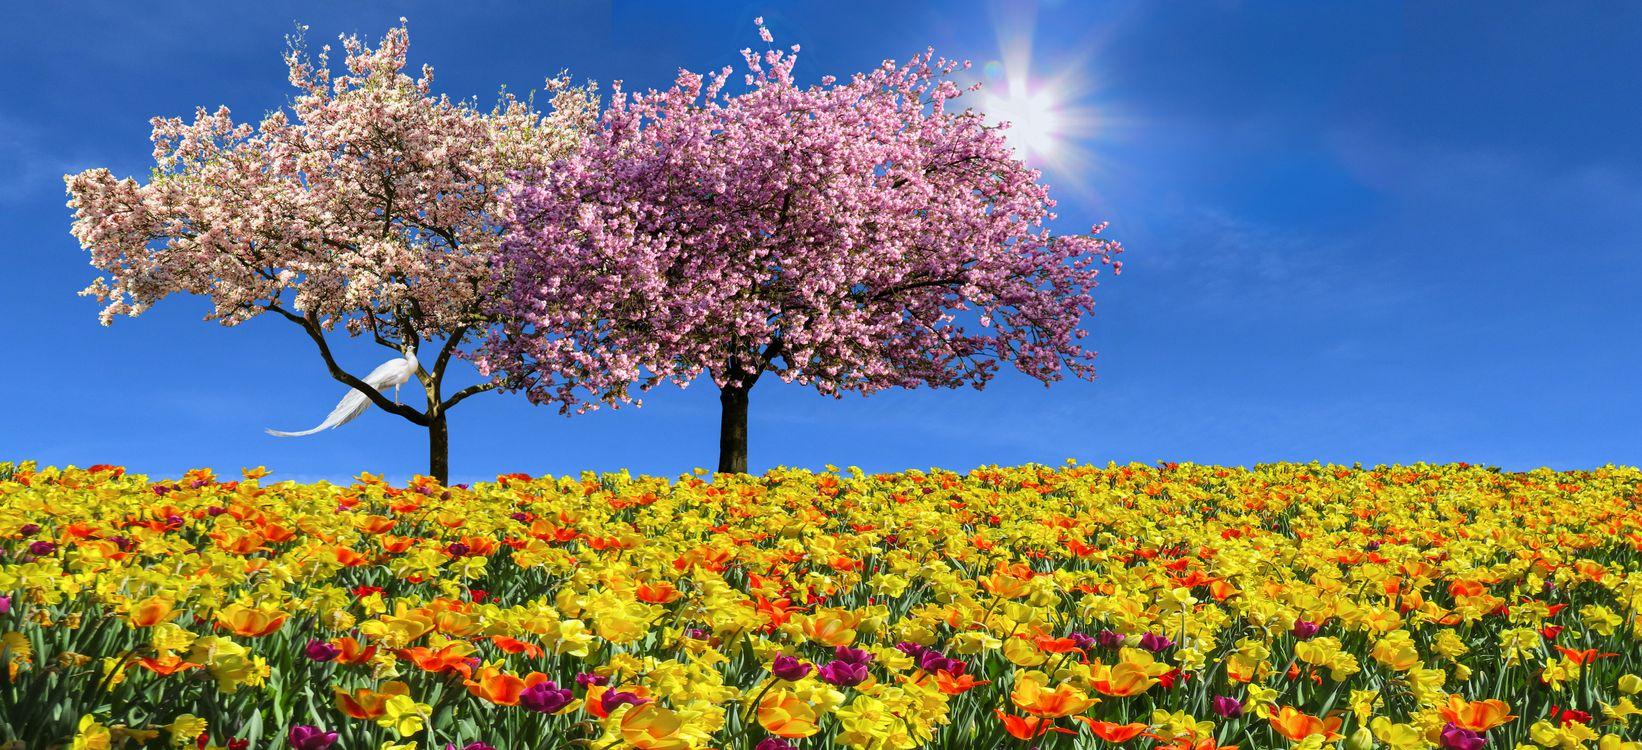 Фото бесплатно природы, пейзаж, эмоции, весна, цветы, тюльпаны, нарциссы, дерево, магнолия, цветение, цвести, весенний цветок, весна дерево, солнце, подсветка, цветы